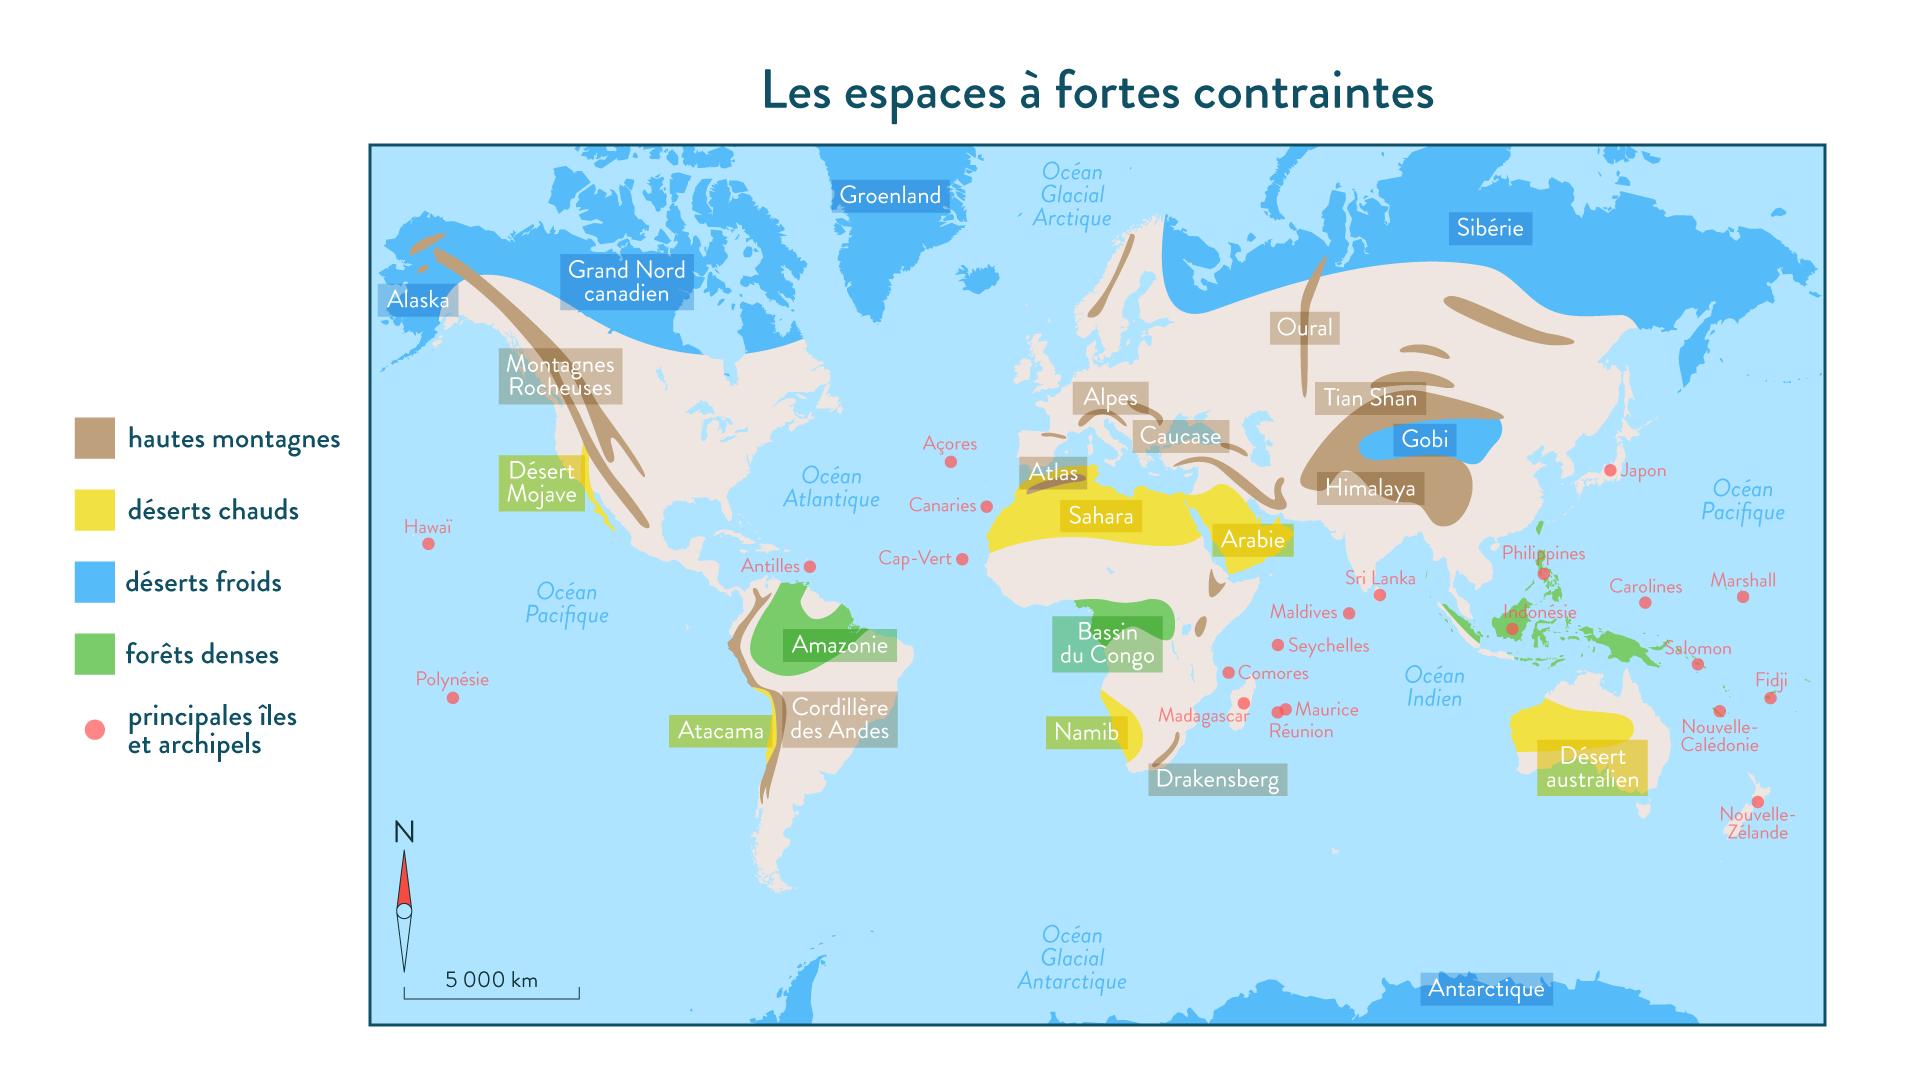 6e-géographie-SchoolMouv - Les espaces à fortes contraintes